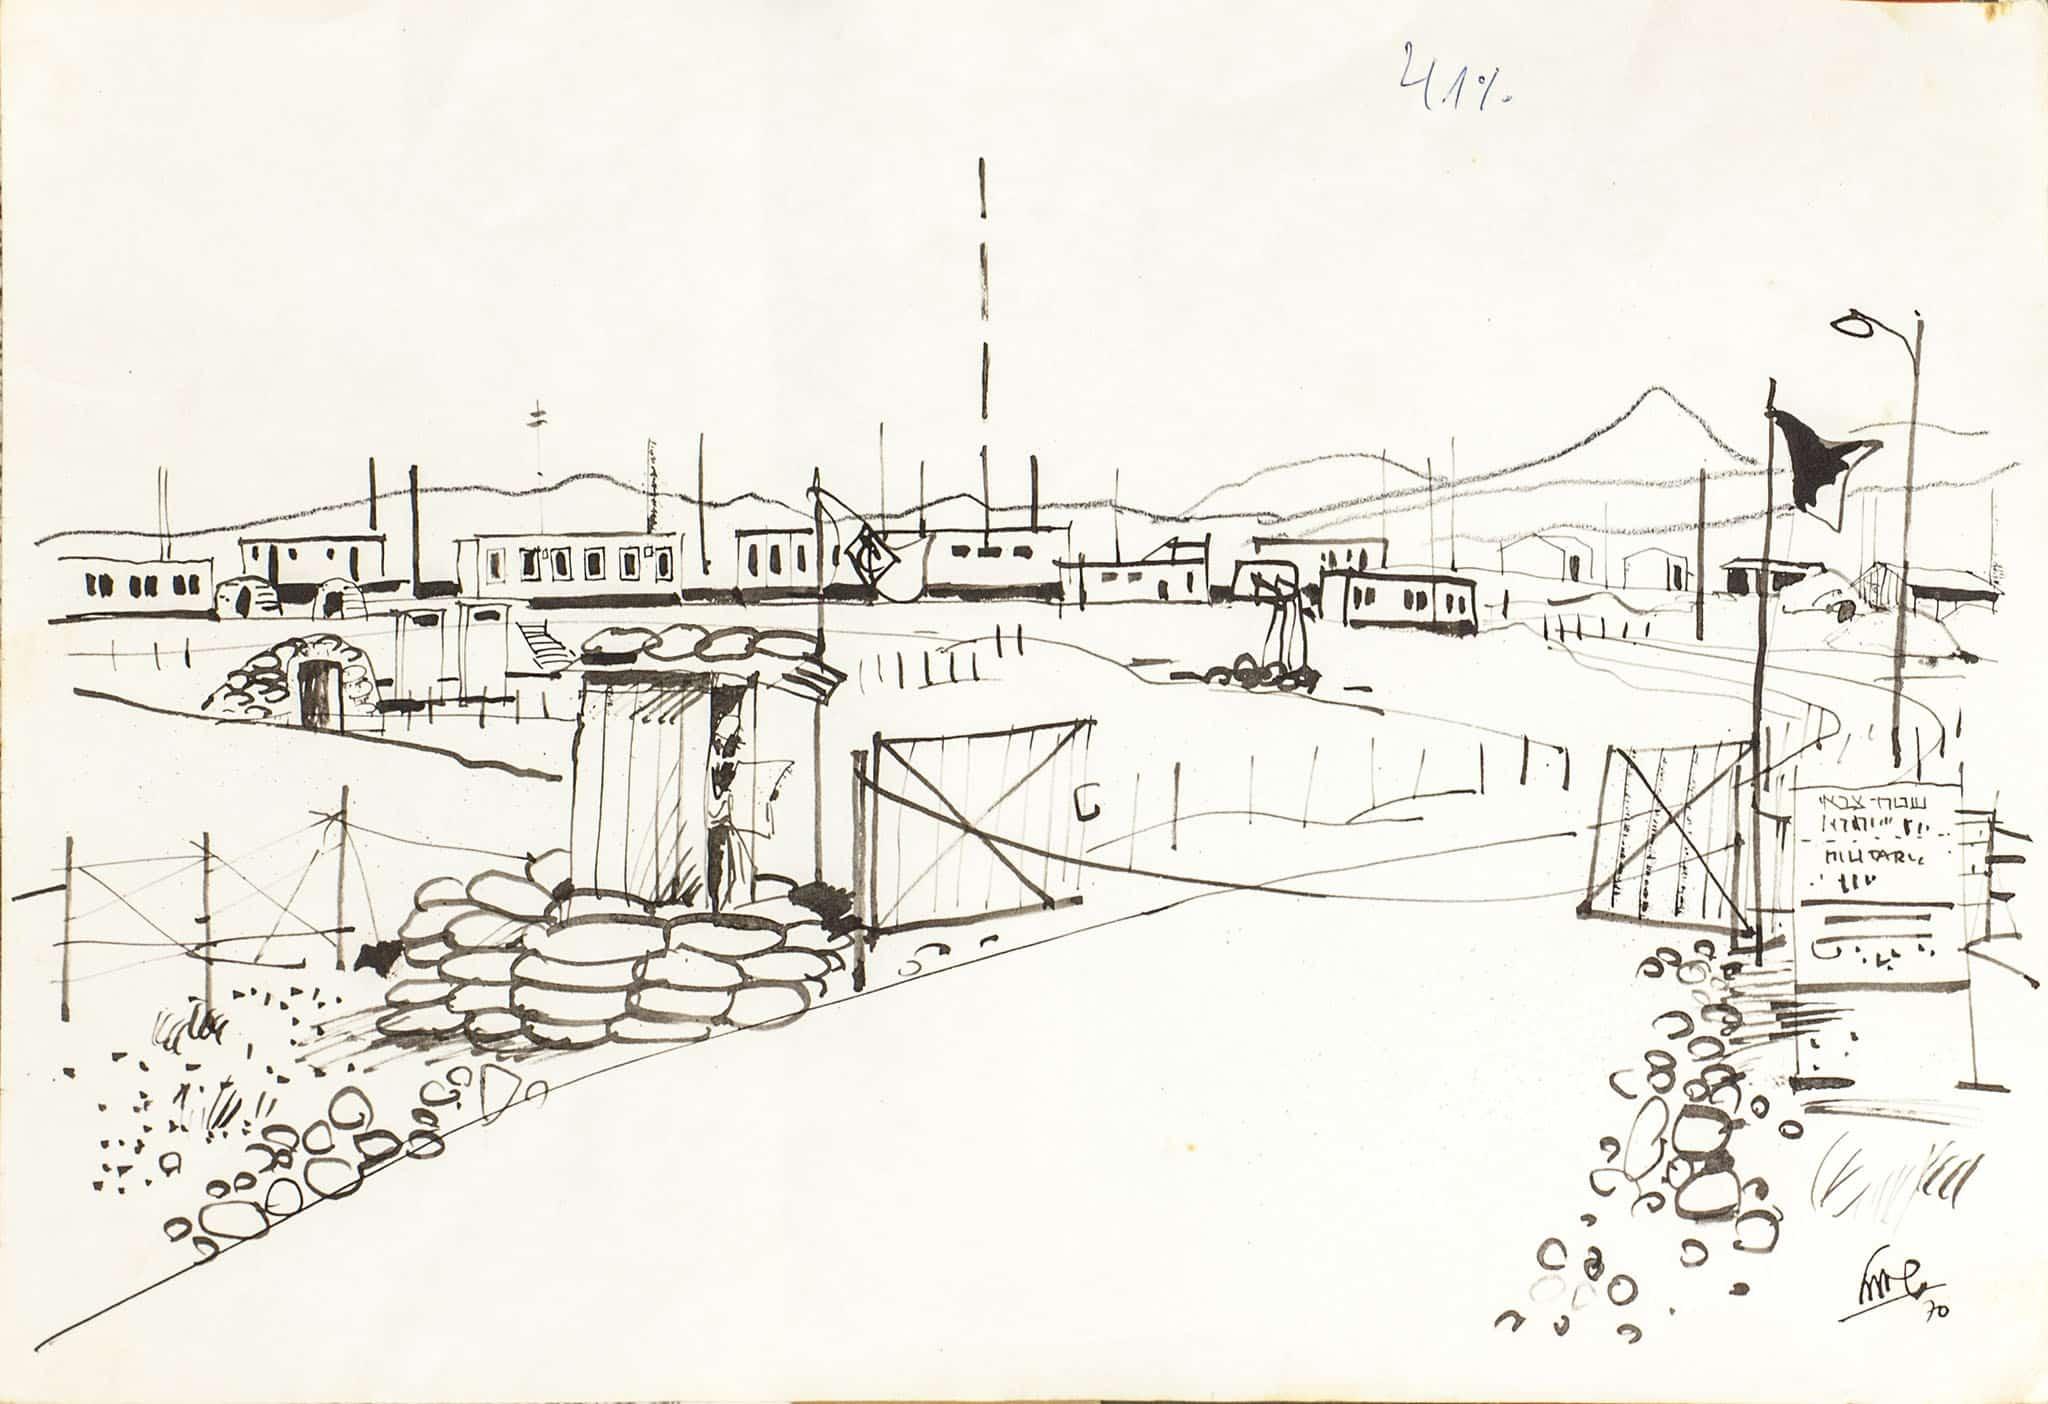 """שמואל כץ, """"שטח צבאי"""", 1970, דיו על נייר, 35x24 ס""""מ"""